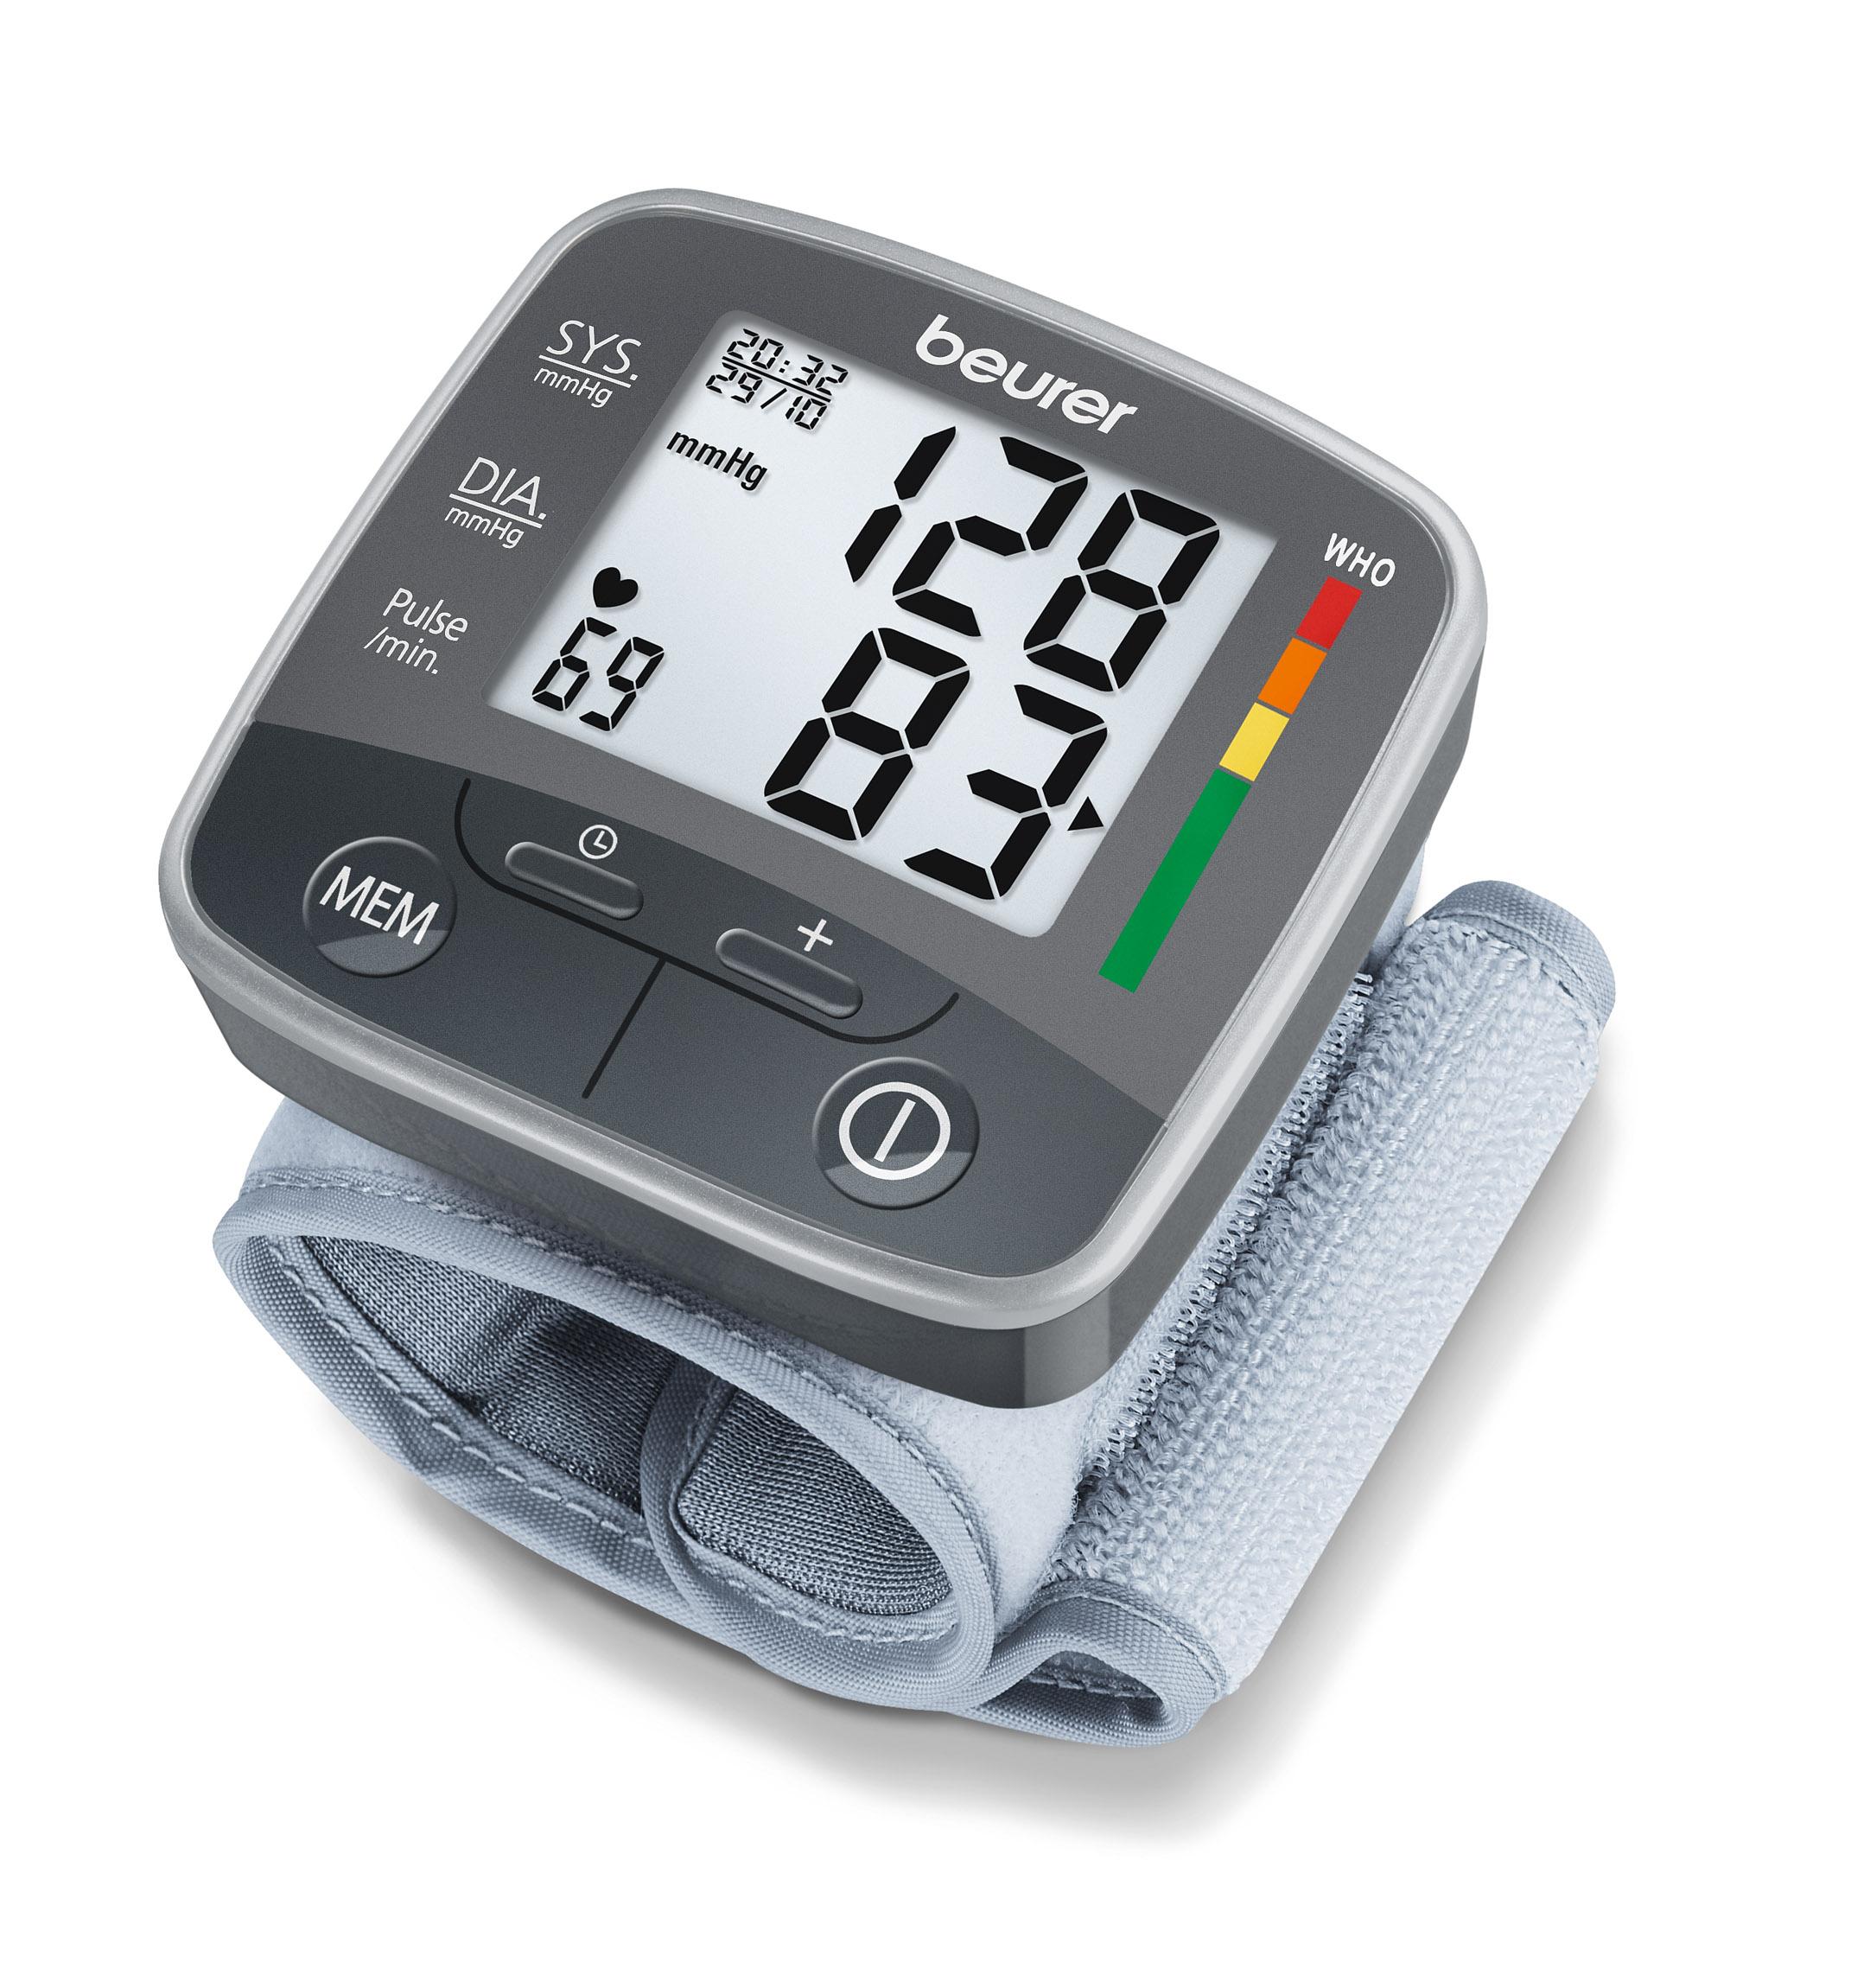 Beurer BC 32 asinsspiediena mērītājs